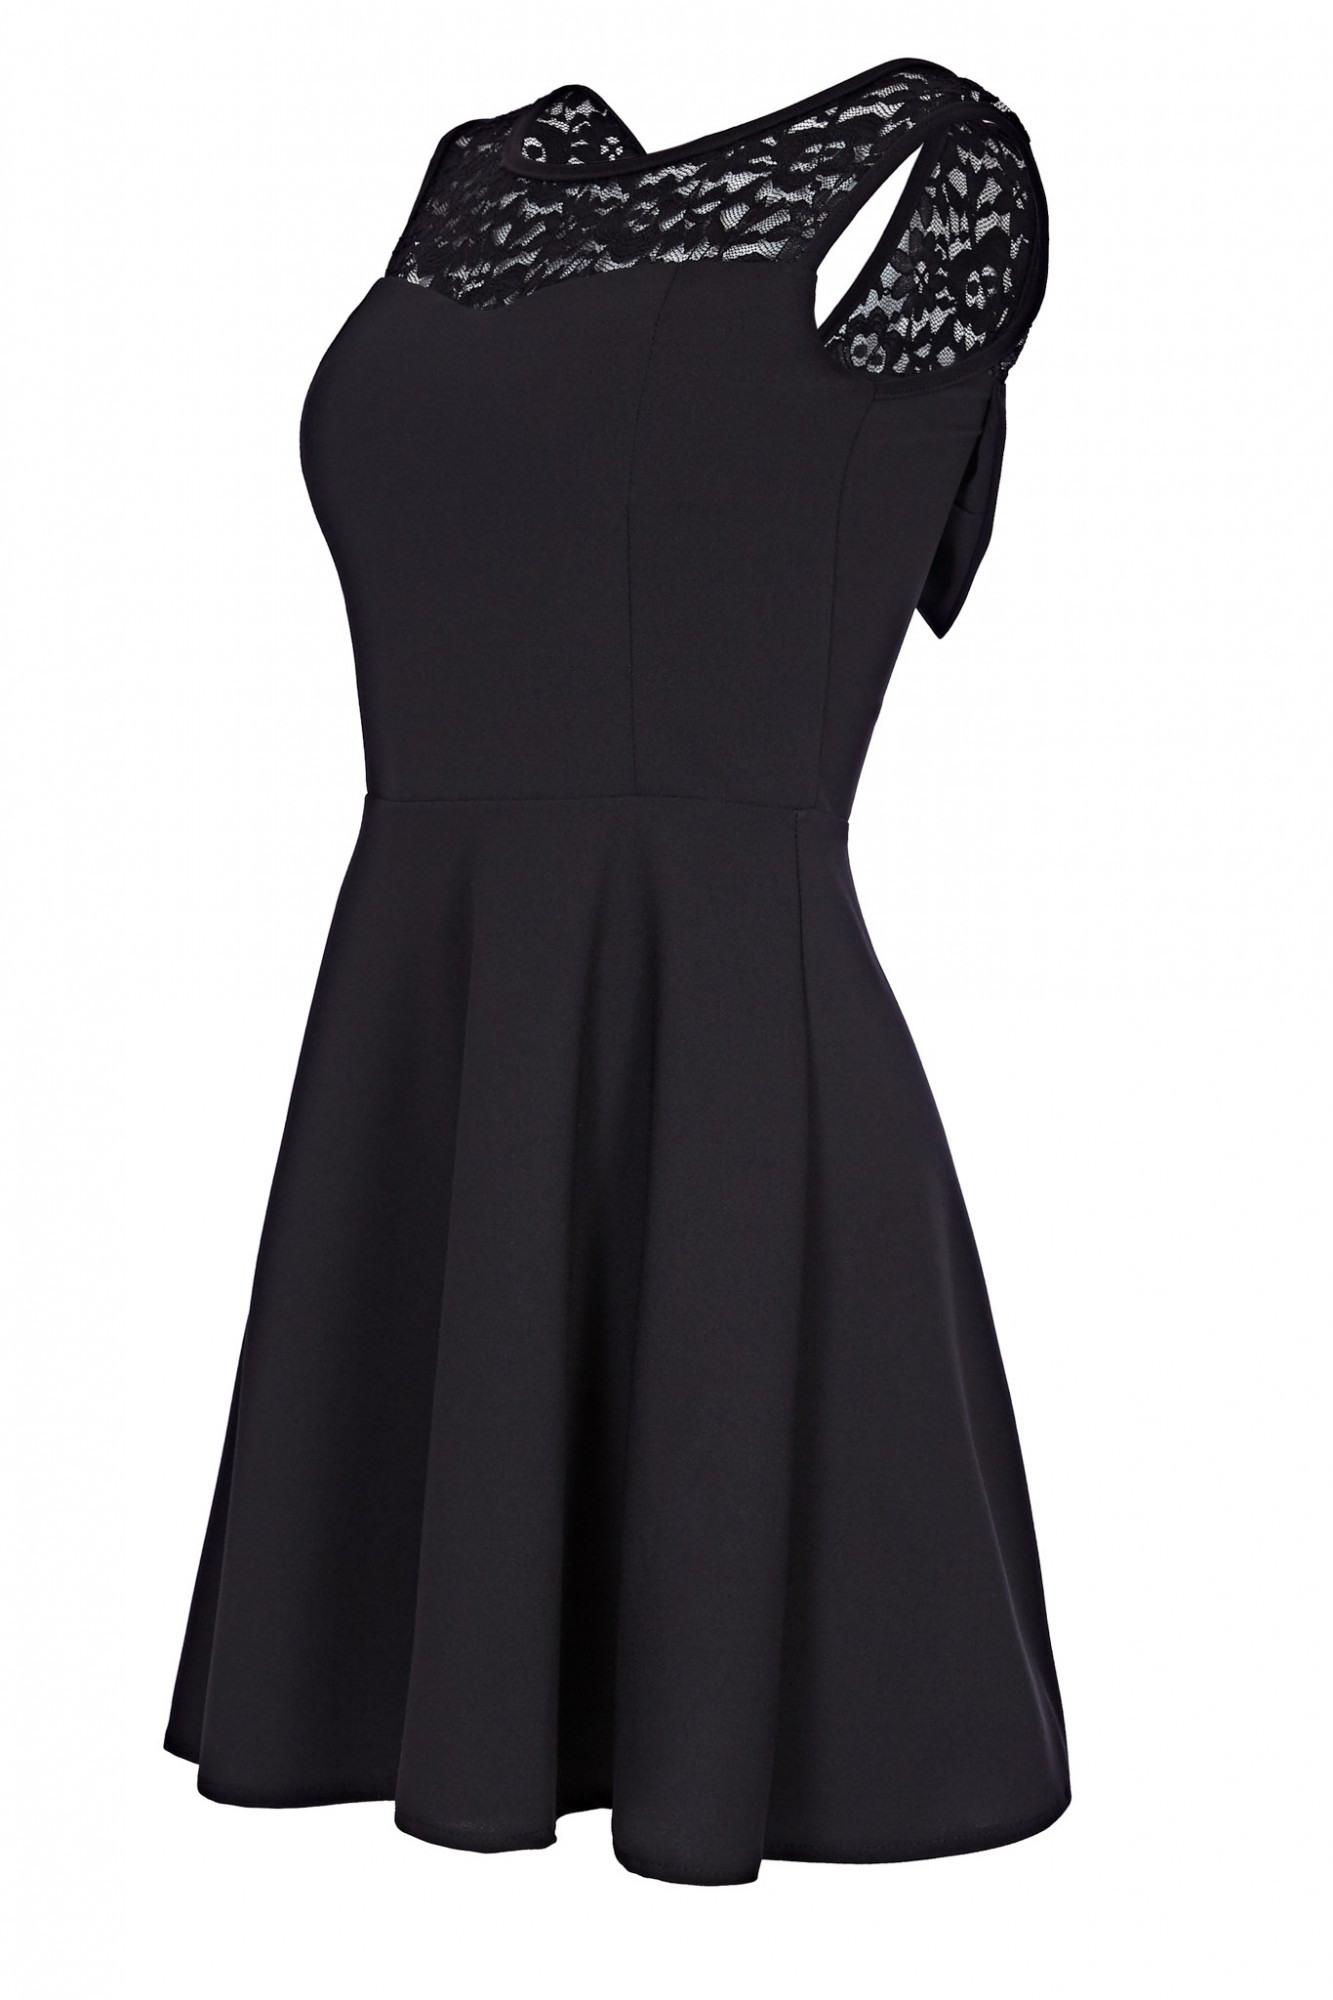 einzigartig edle damen kleider design - abendkleid